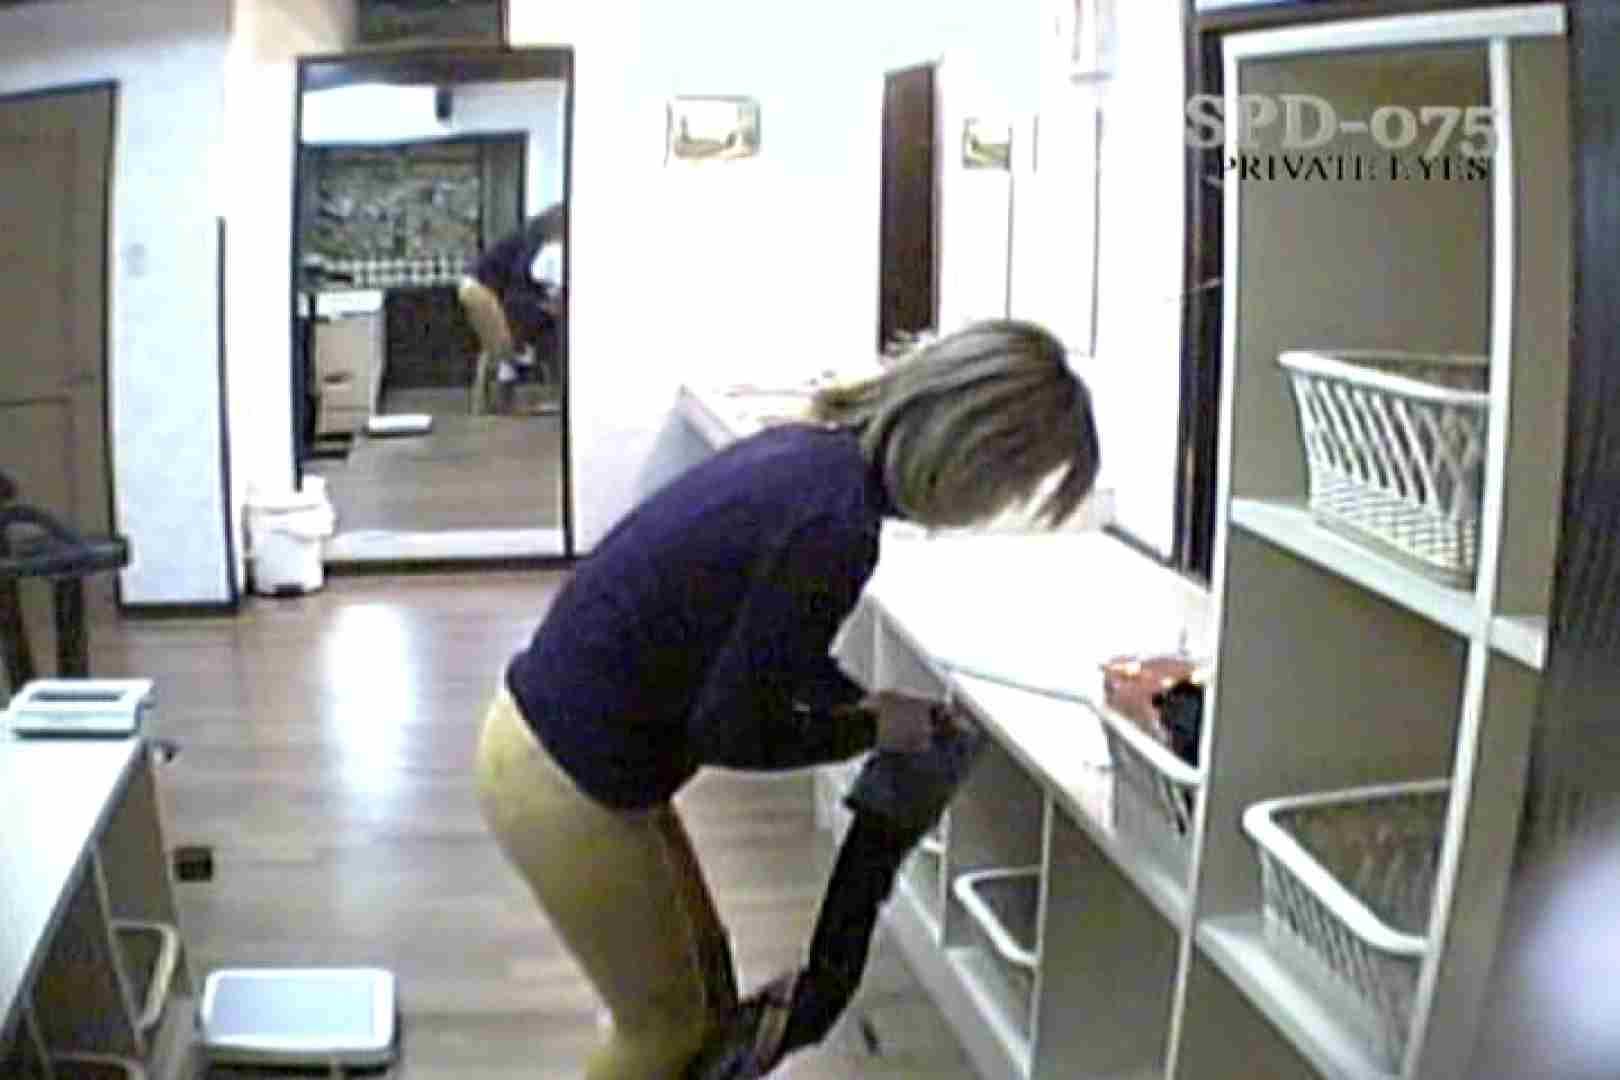 高画質版!SPD-075 脱衣所から洗面所まで 9カメ追跡盗撮 お色気名作  110枚 63